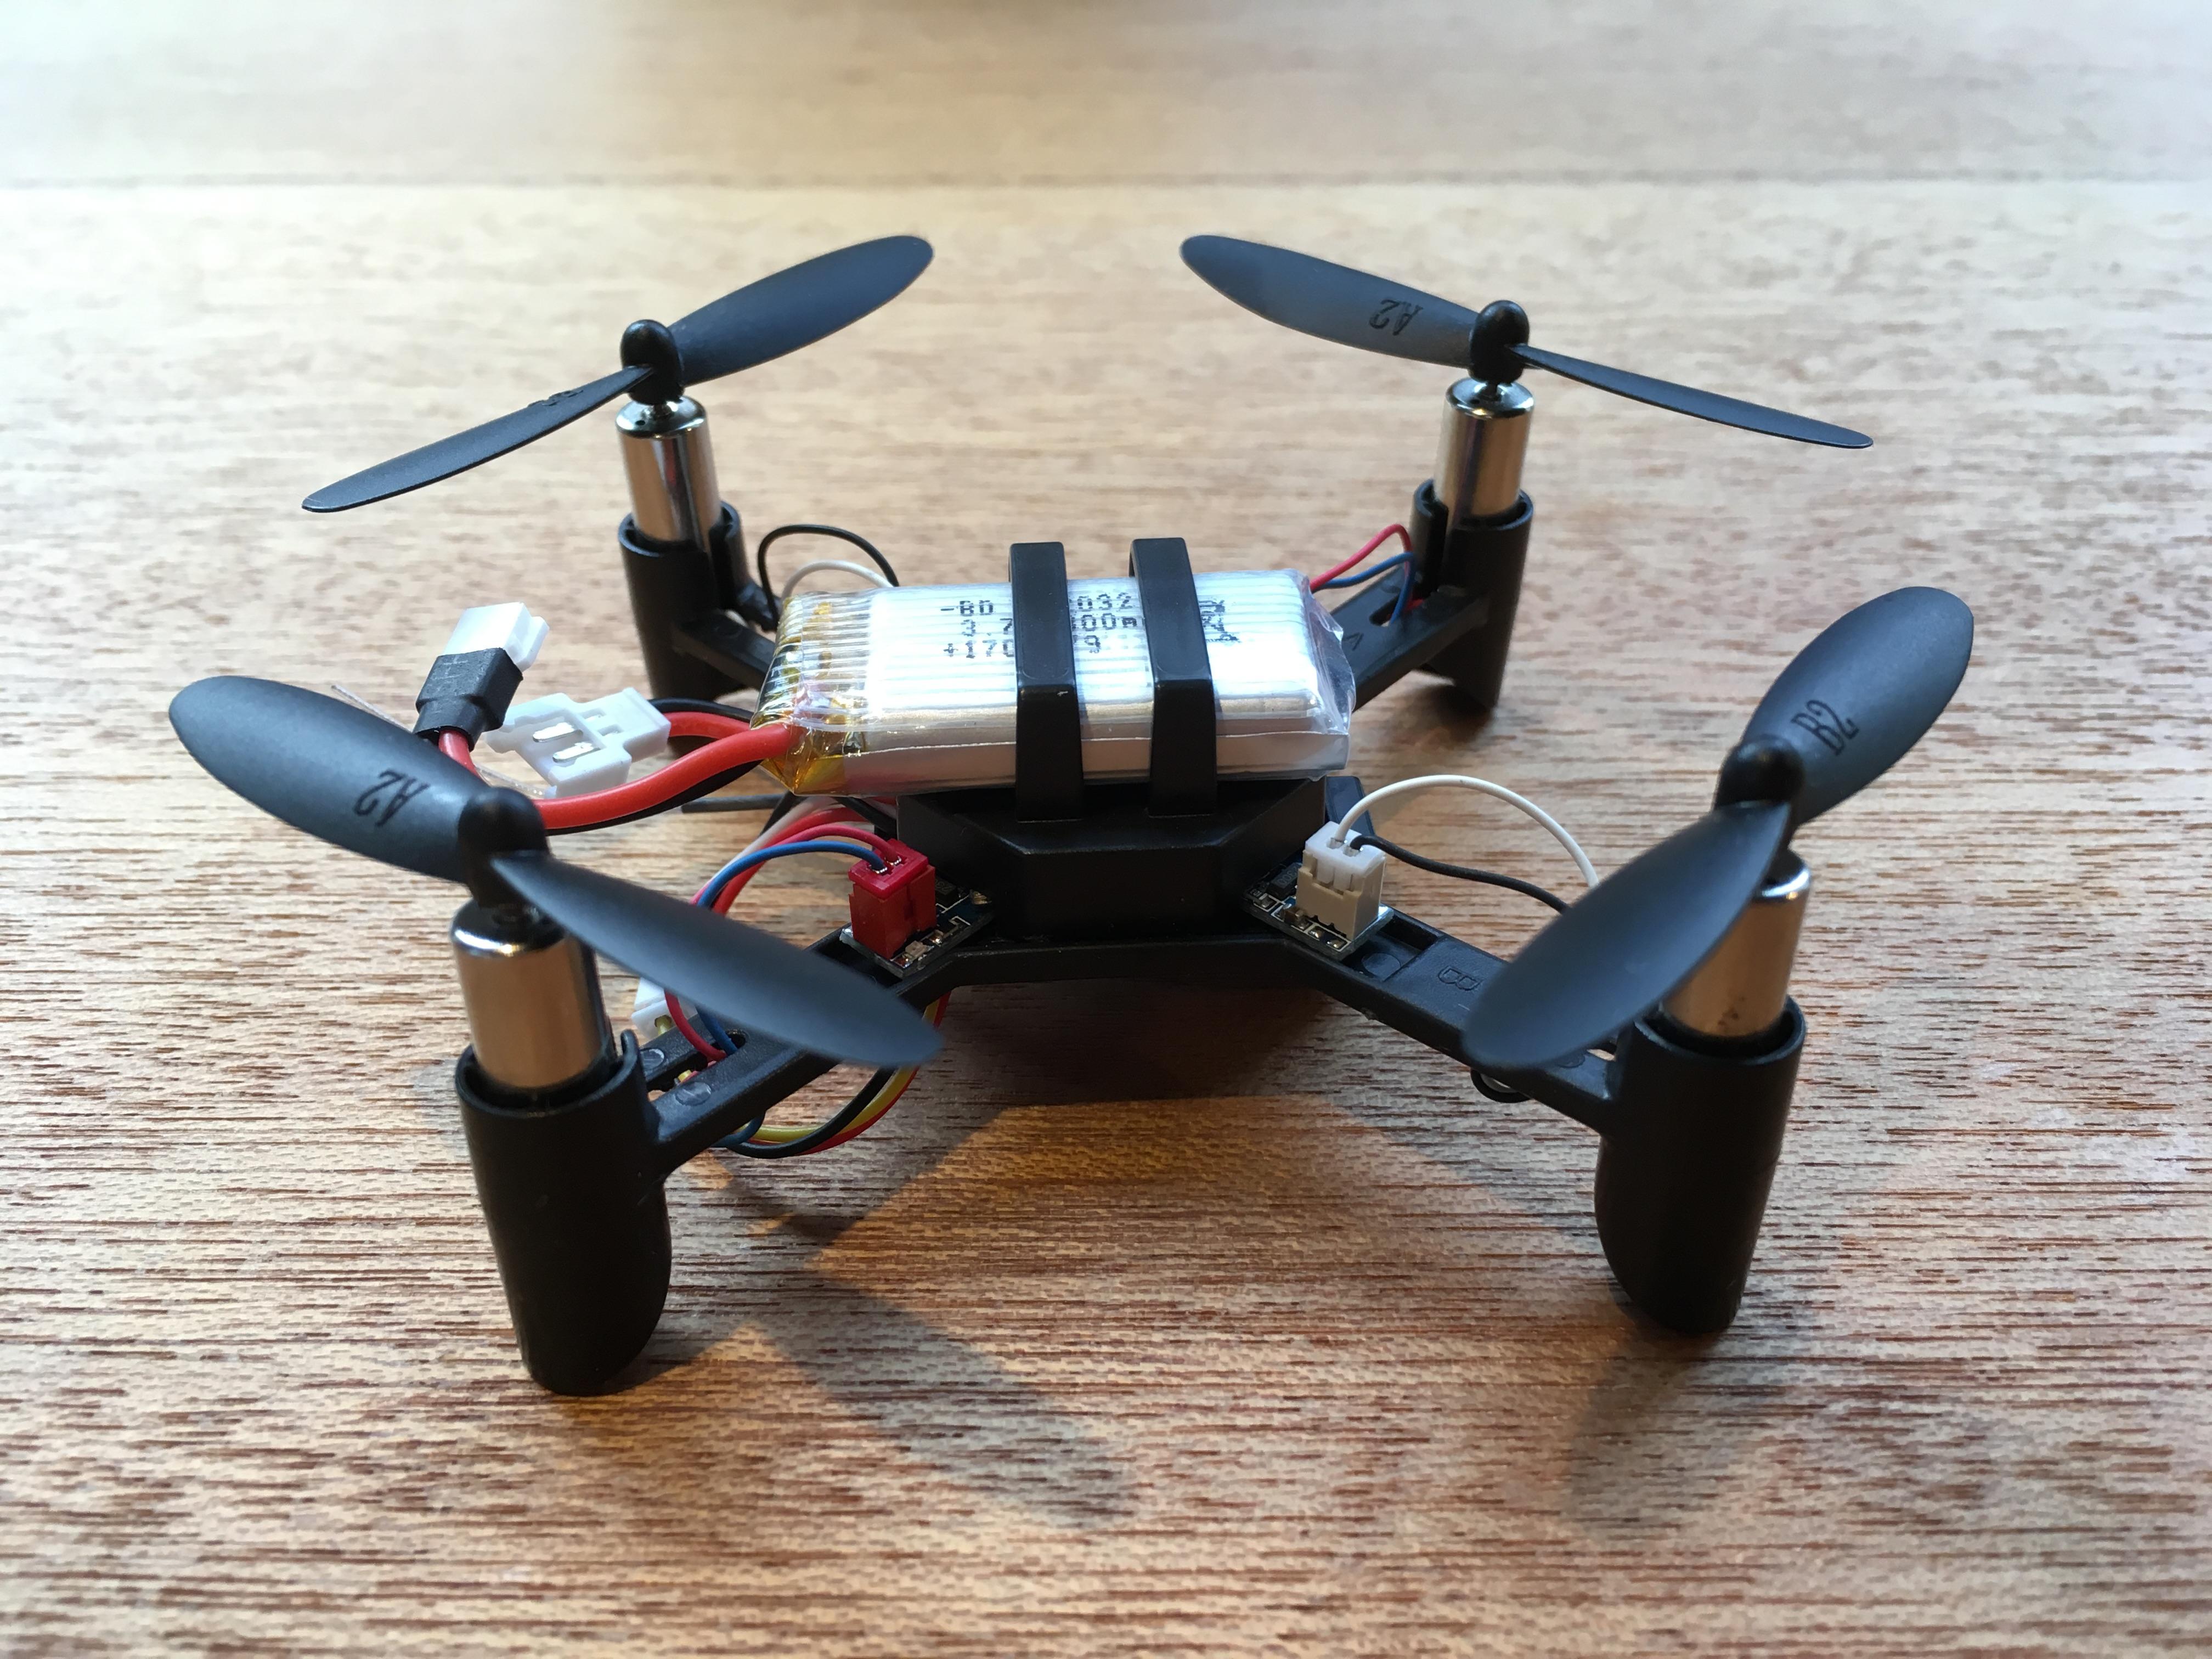 トイドローンLIVE CAM DRONE徹底レビュー